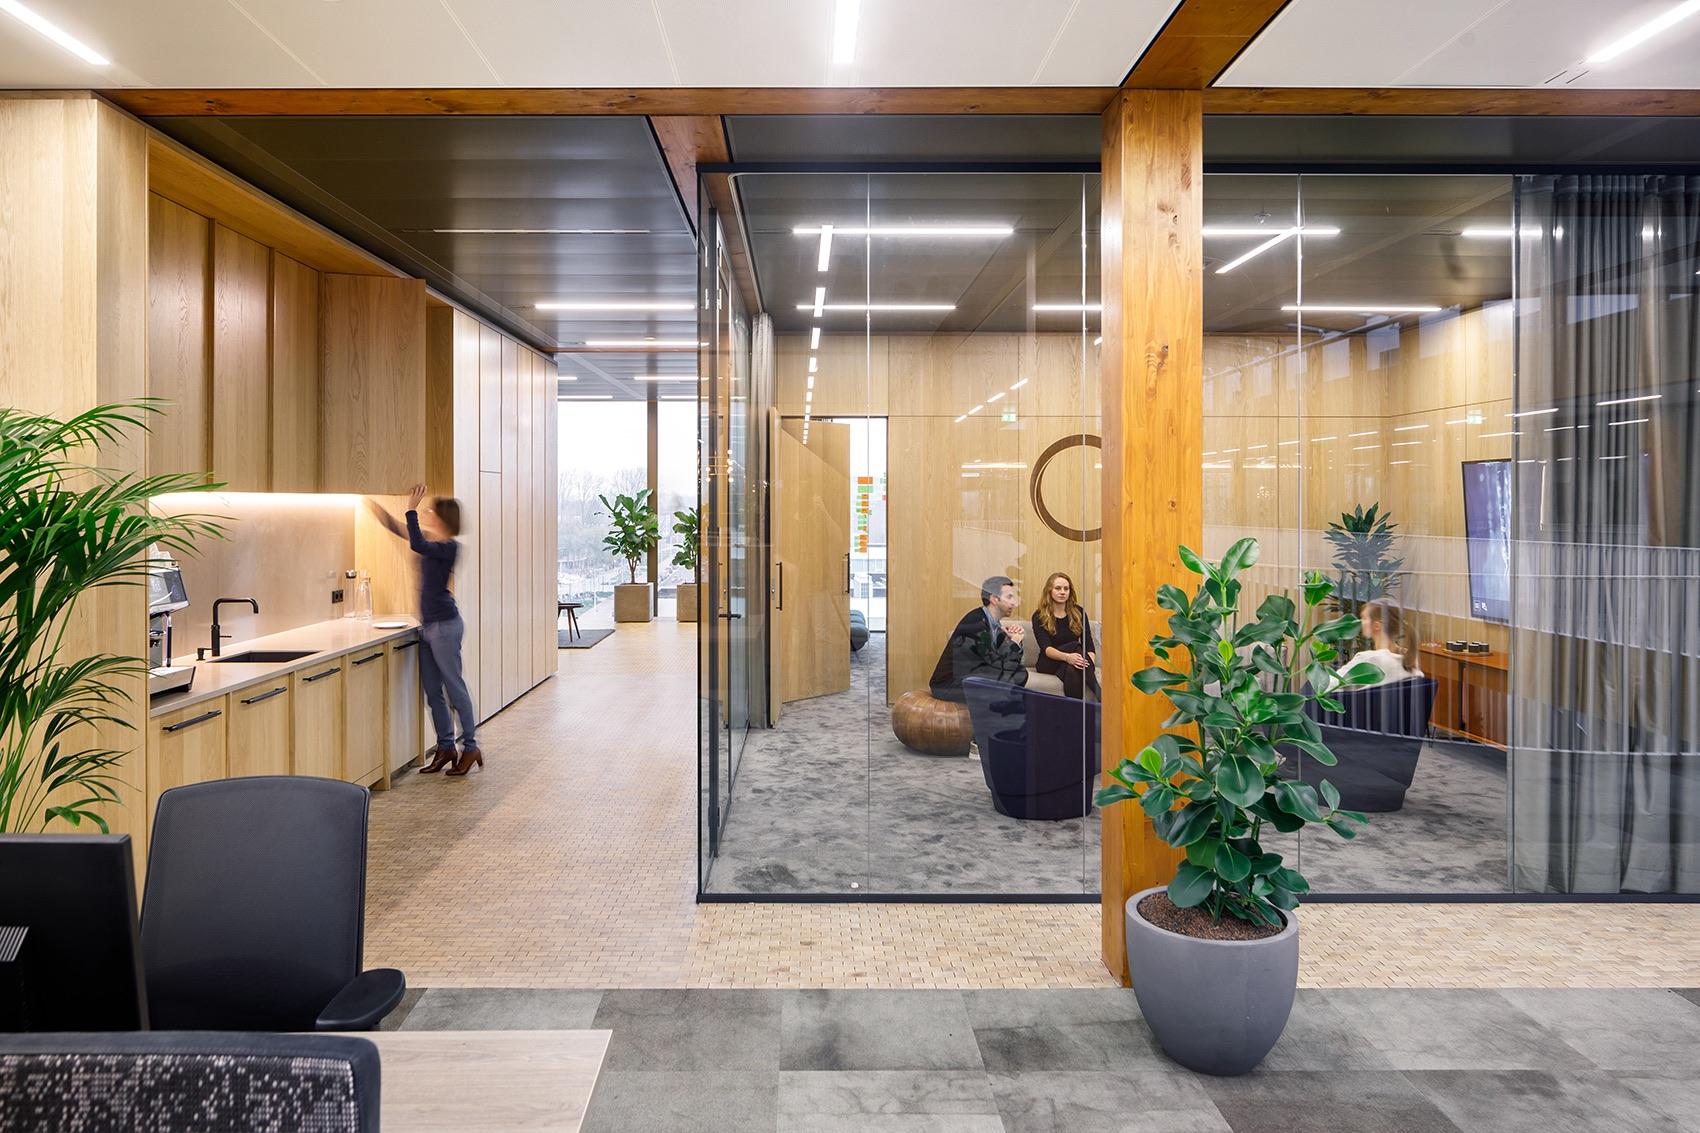 A Tour of EDGE Technologies' Modern Amsterdam HQ